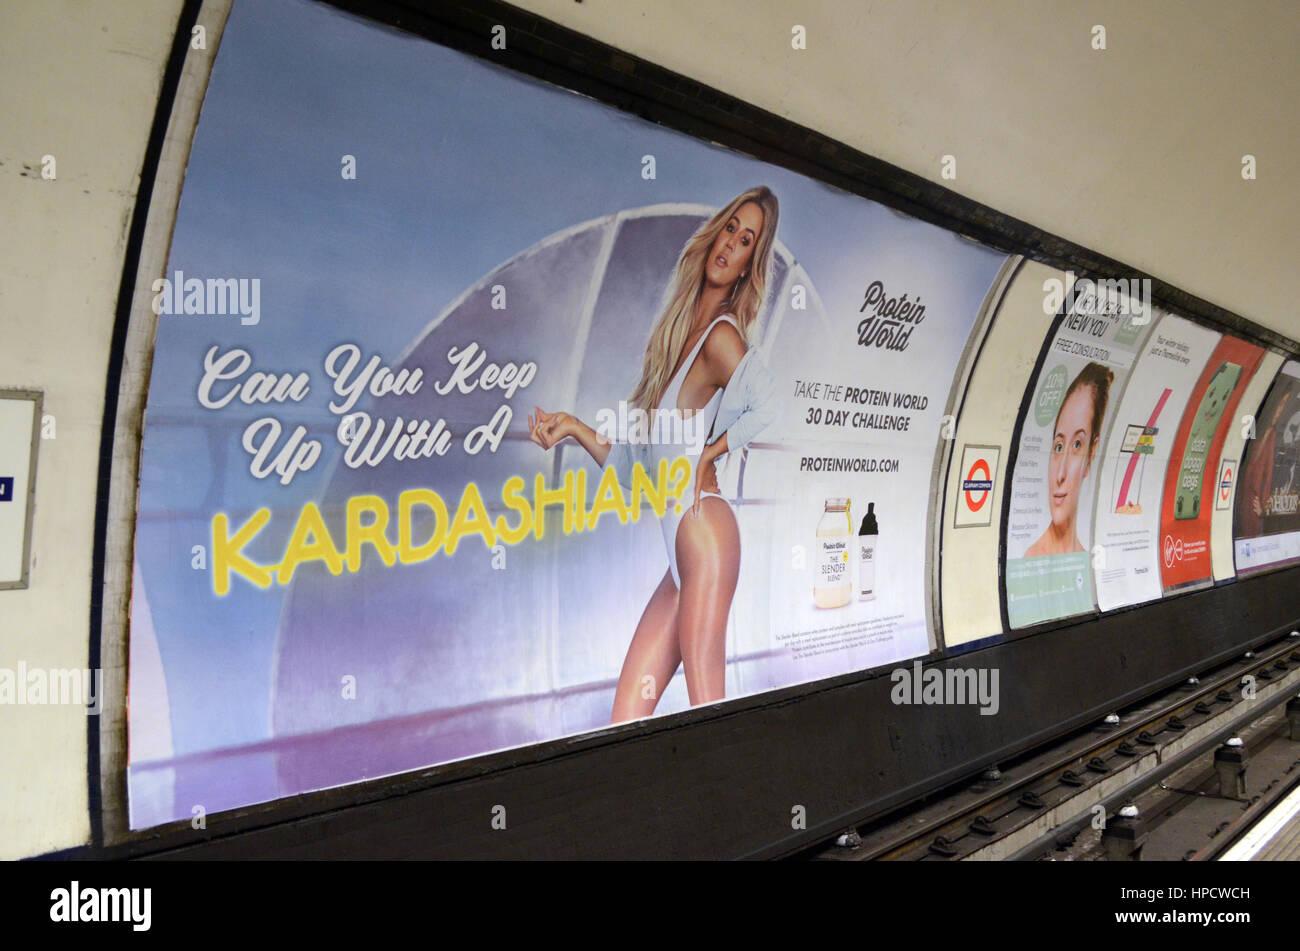 London, UK, 20/02/2017 London Mayor Sadiq Kahn wants to remove ' Keep up with Kardashian poster on London underground.' - Stock Image